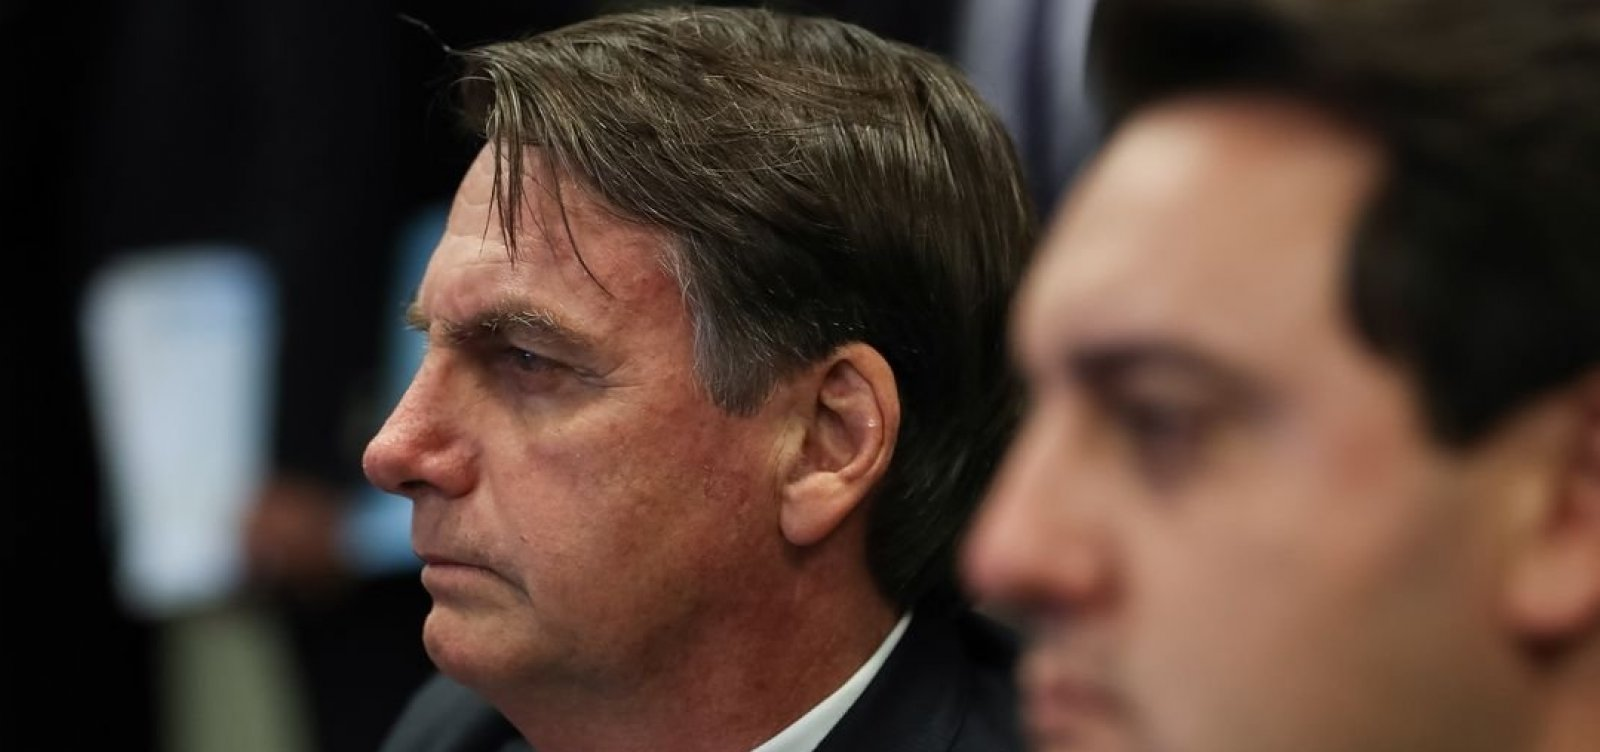 Site indica que 60% dos seguidores de Bolsonaro no Twitter são 'bots'